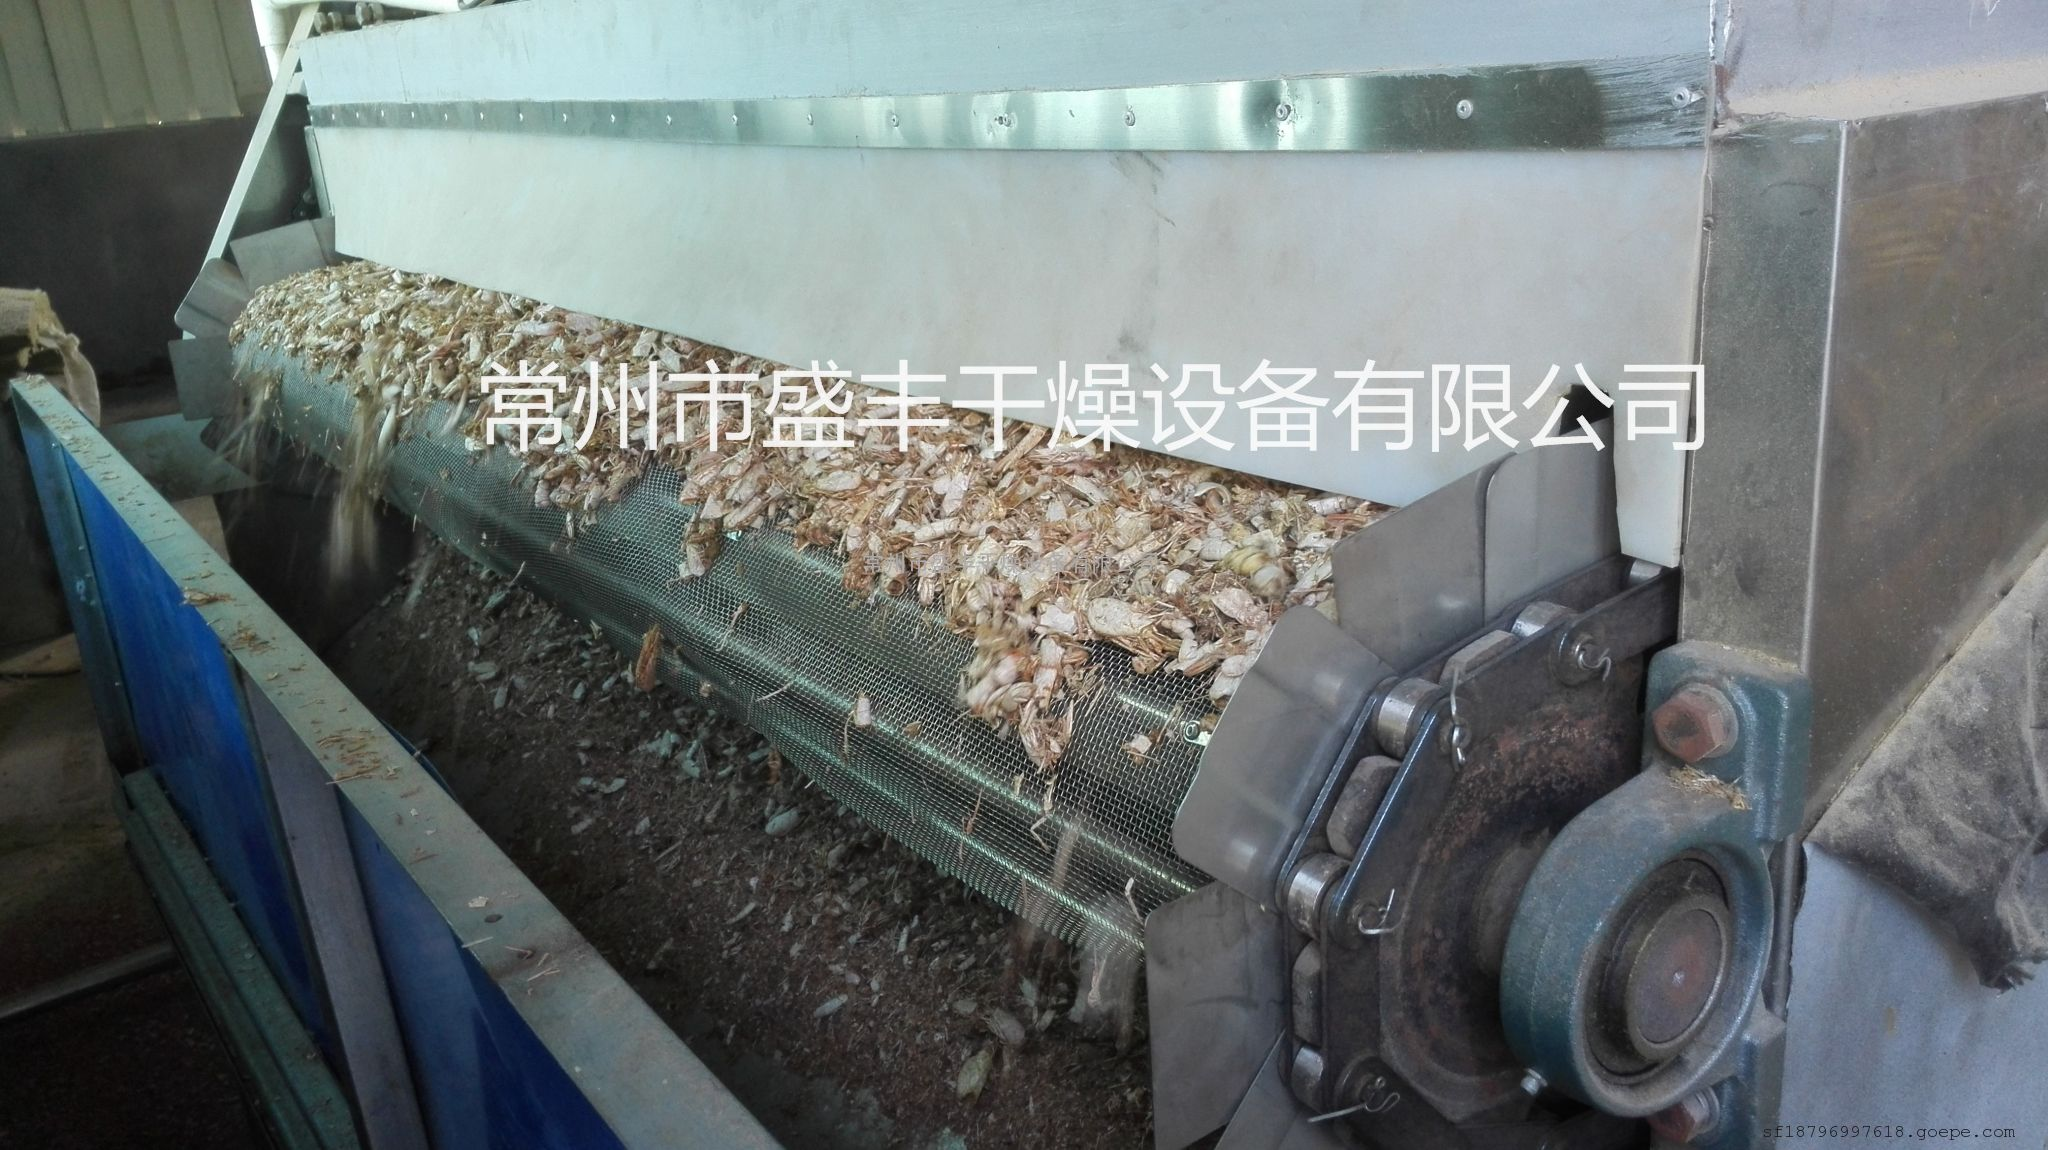 虾壳公用带式单调机